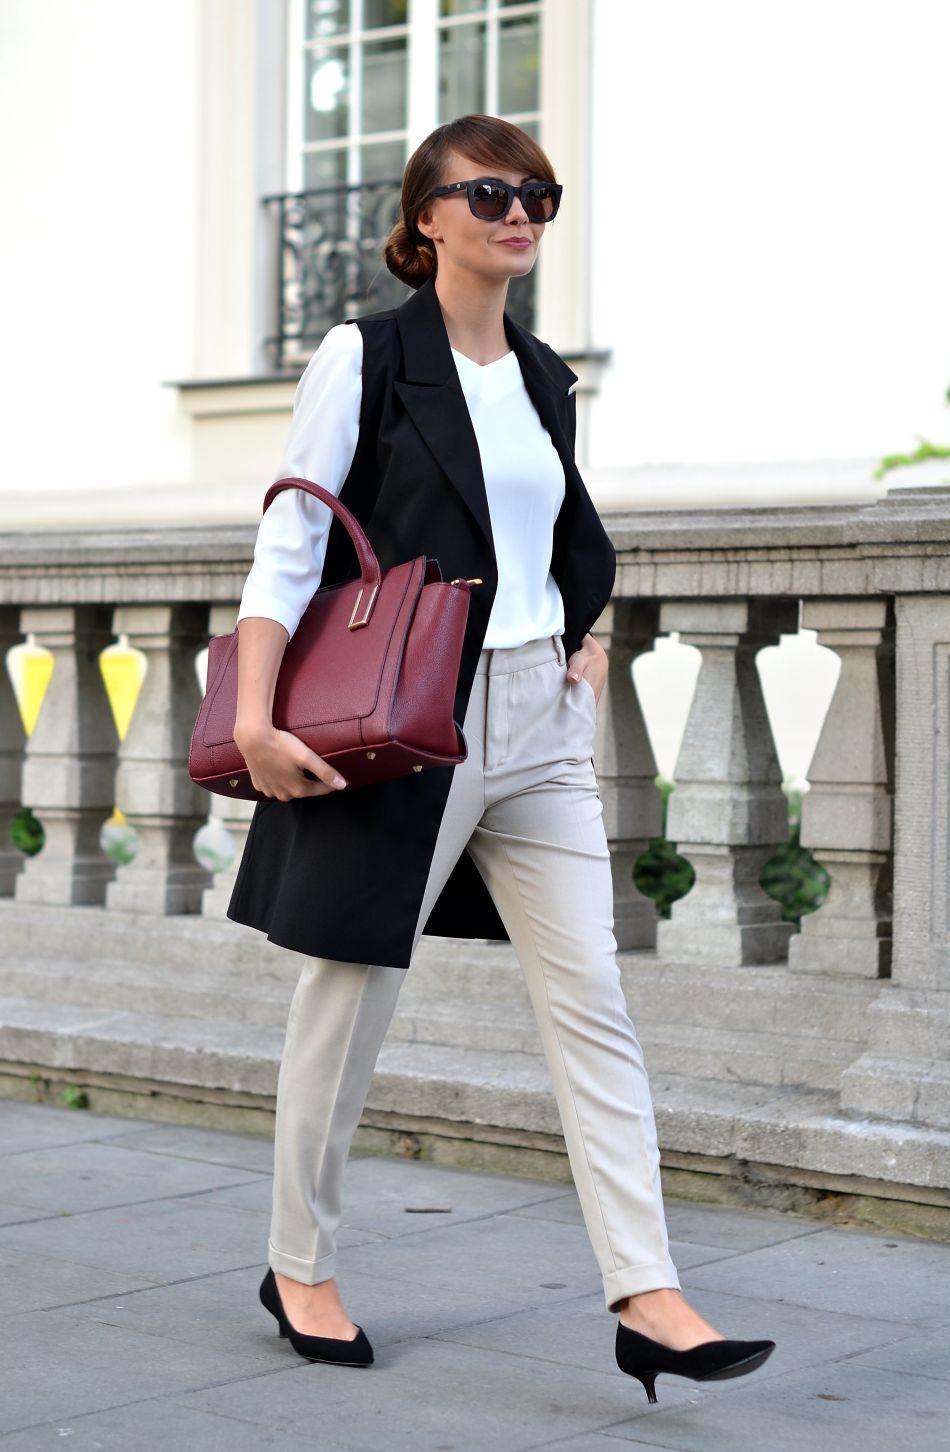 stroj do pracy | dress code | blog modowy dress code | kamila mraz